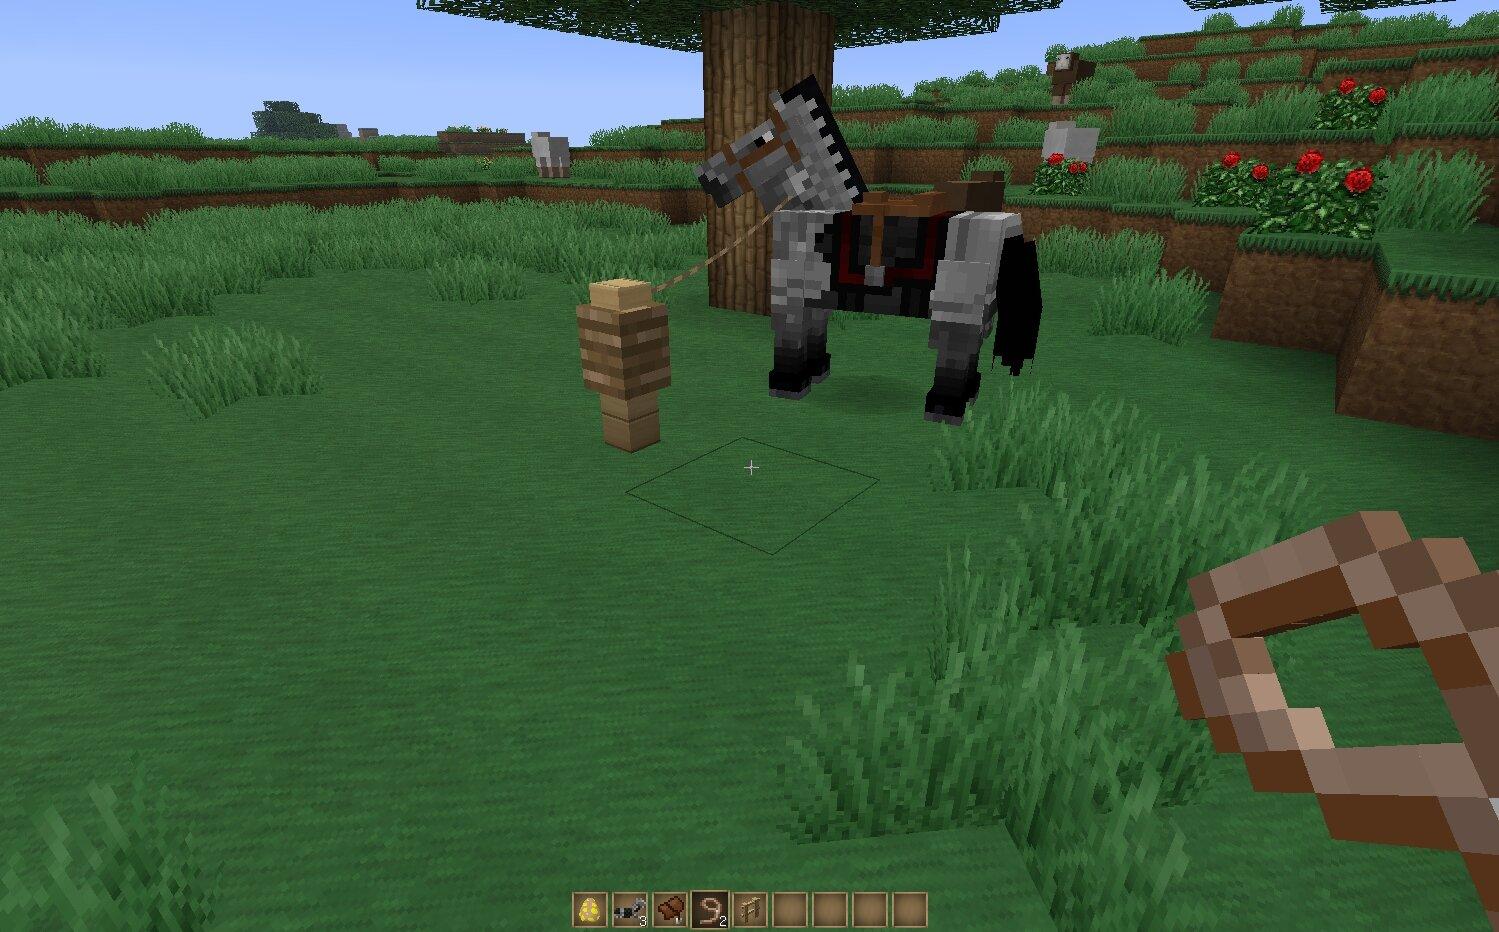 Selle cheval minecraft - Cheval minecraft ...